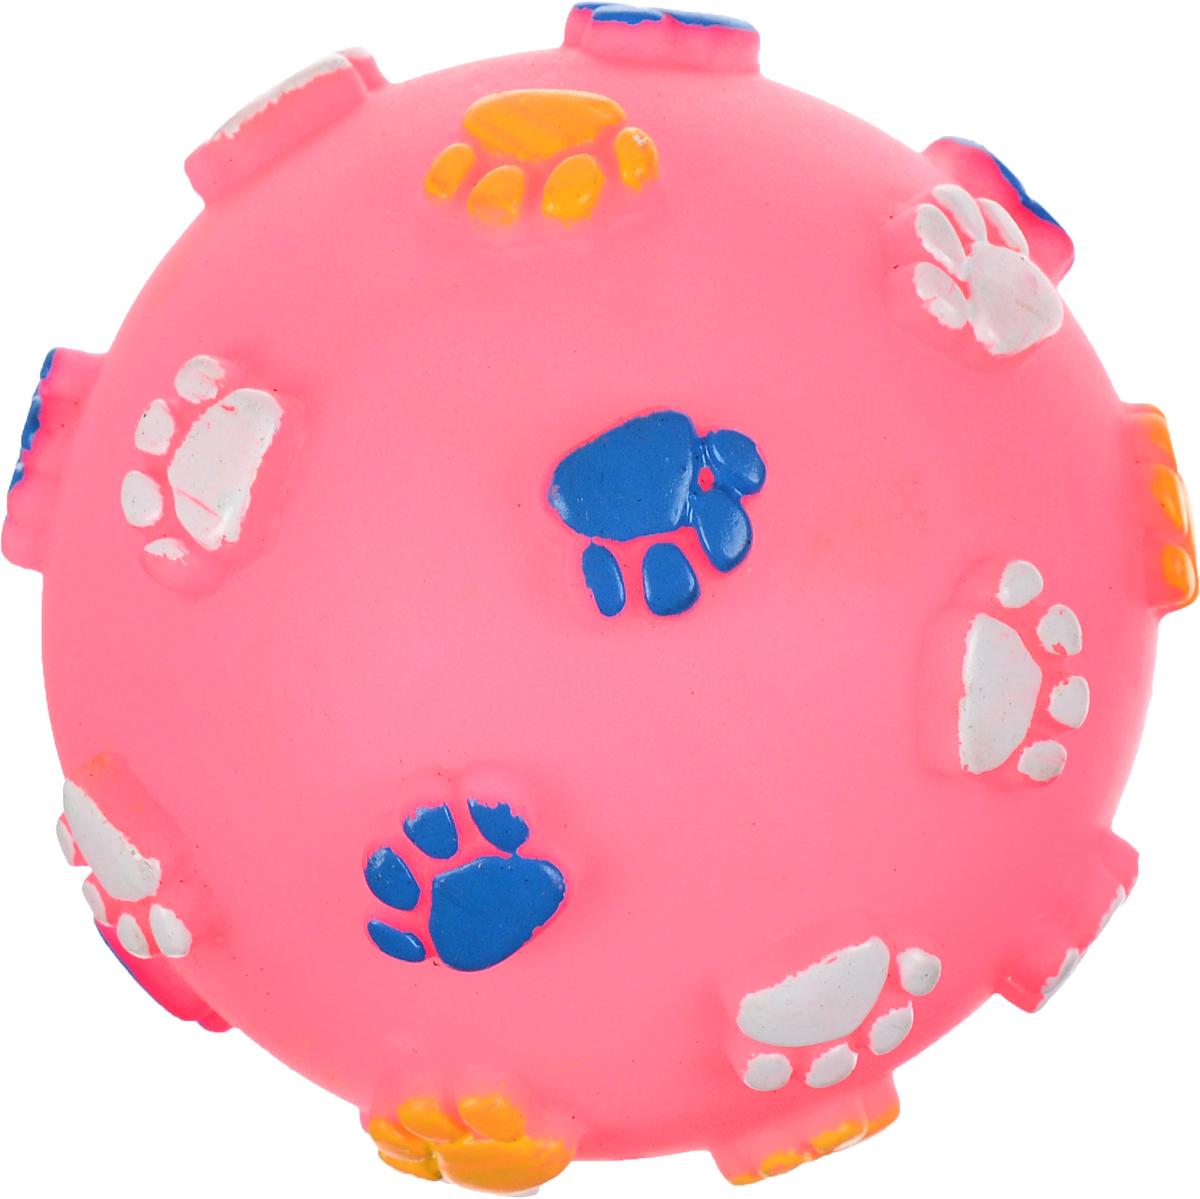 Игрушка для животных Каскад Мяч. Лапки, с пищалкой, цвет: розовый, синий, желтый, диаметр 9 см27754623_розовыйИгрушка Каскад Мяч. Лапки изготовлена из прочной и долговечной резины, которая устойчива к разгрызанию. Необычная и забавная игрушка прекрасно подойдет для собак, любящих игрушки с пищалками. Диаметр: 9 см.